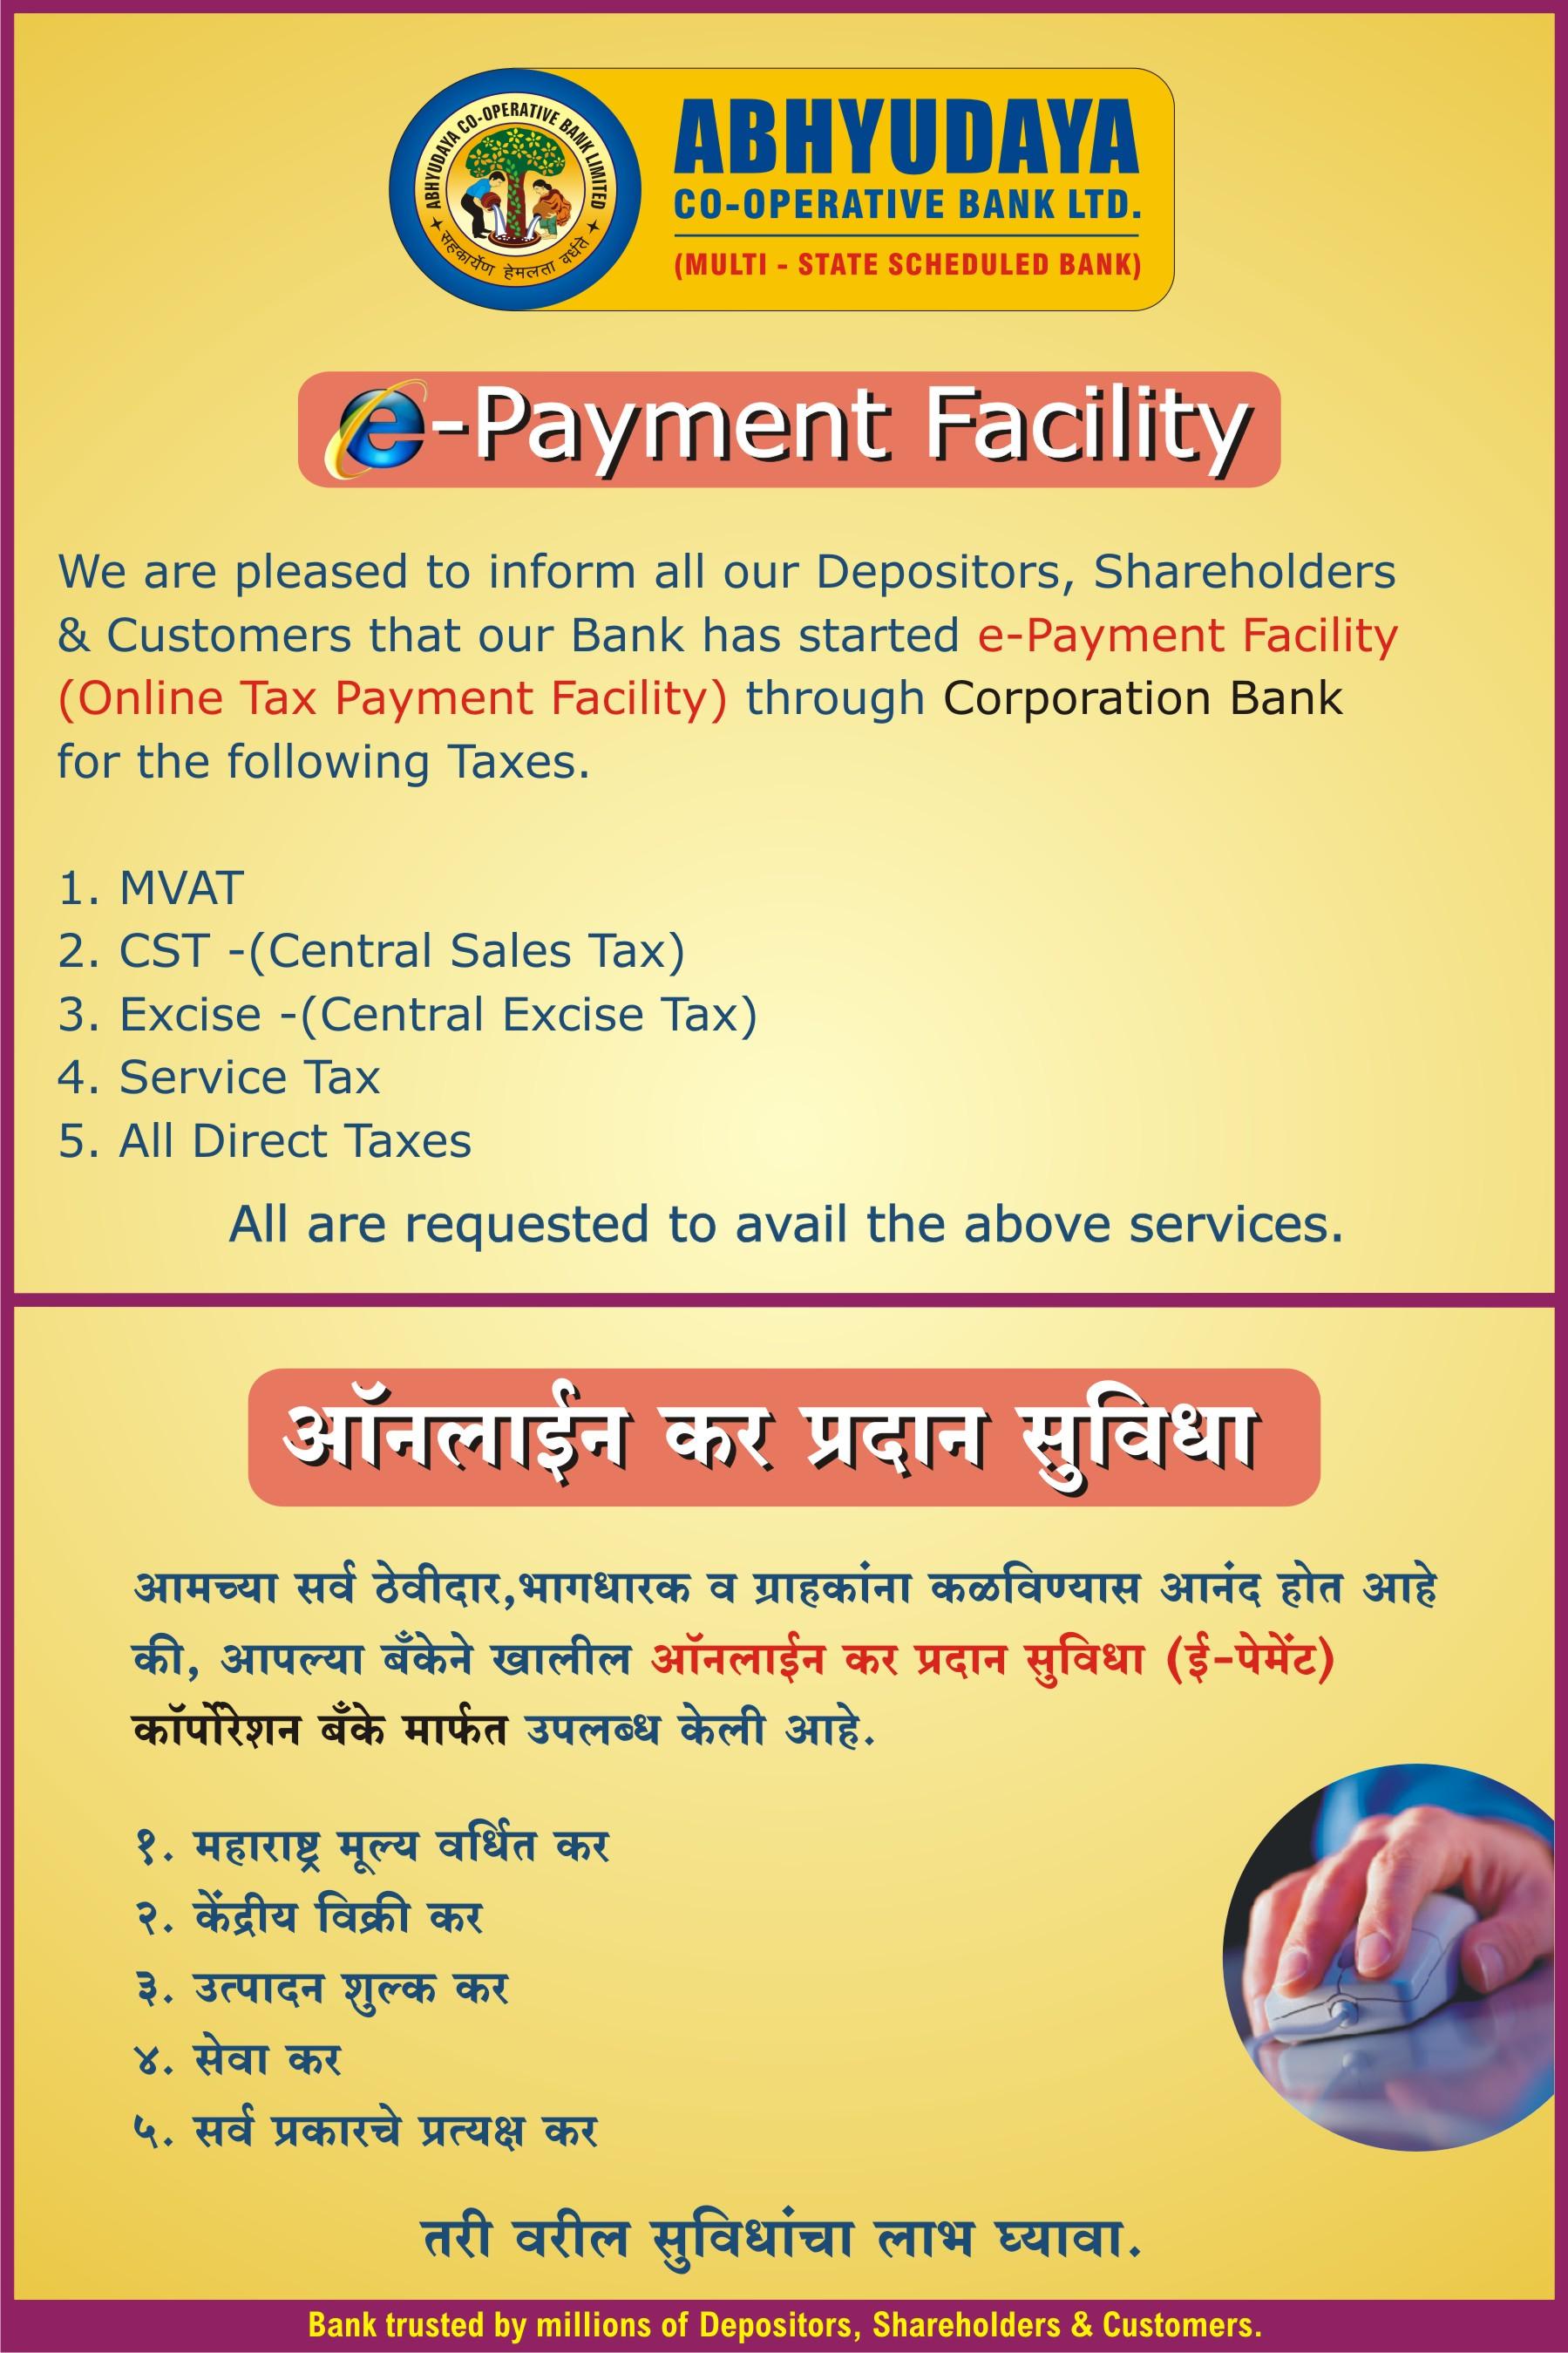 abhyudaya co-operative bank ltd online application form